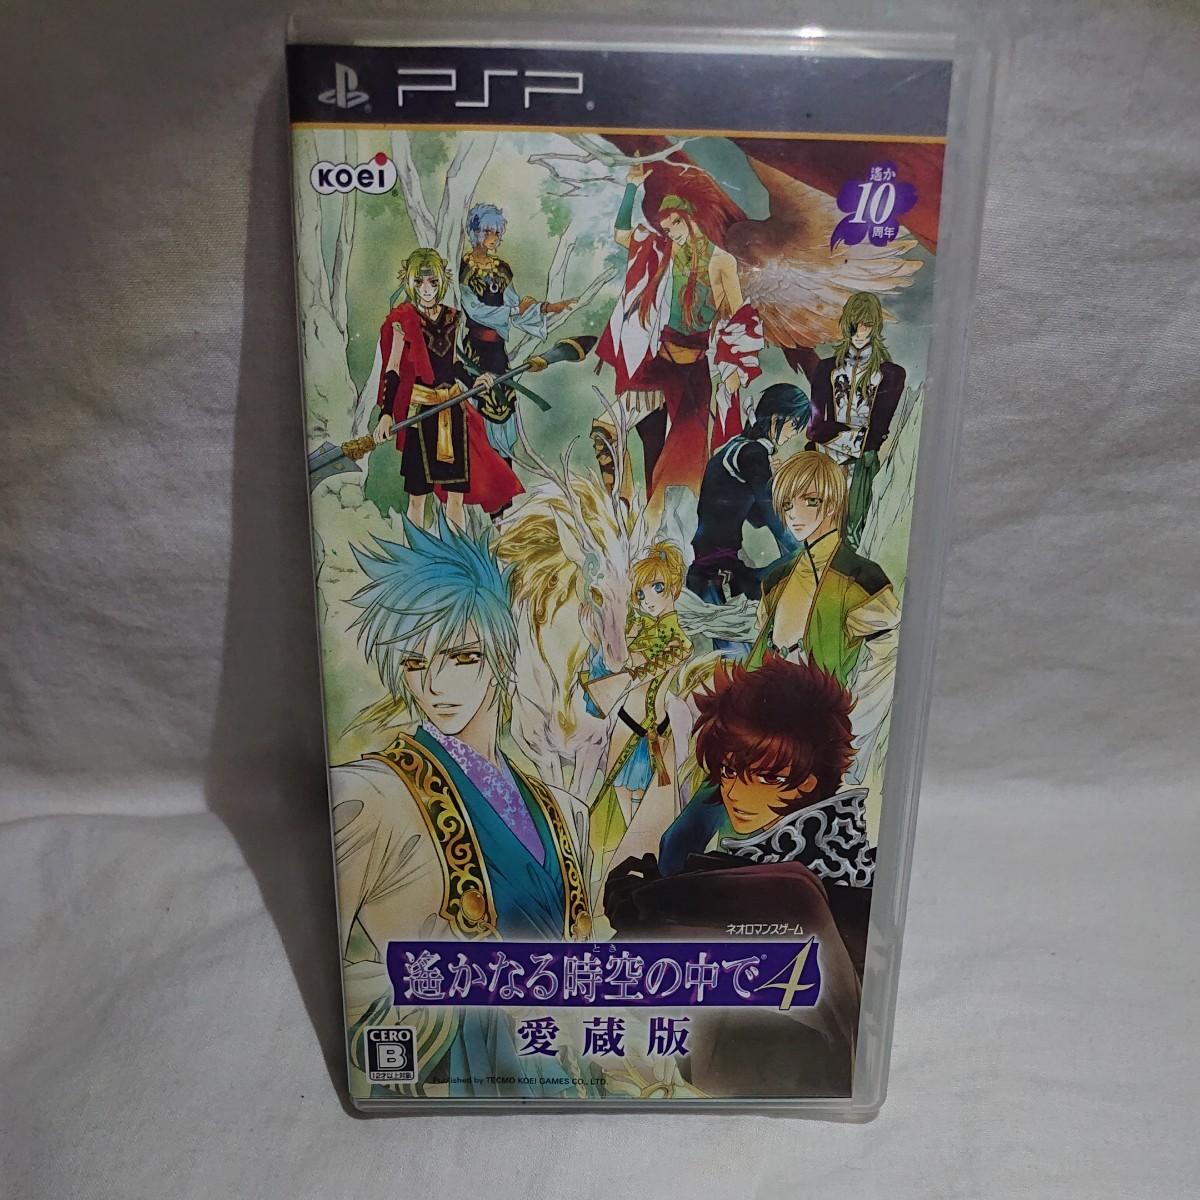 PSP 遙かなる時空の中で4 愛蔵版 動作確認済み PSPソフト